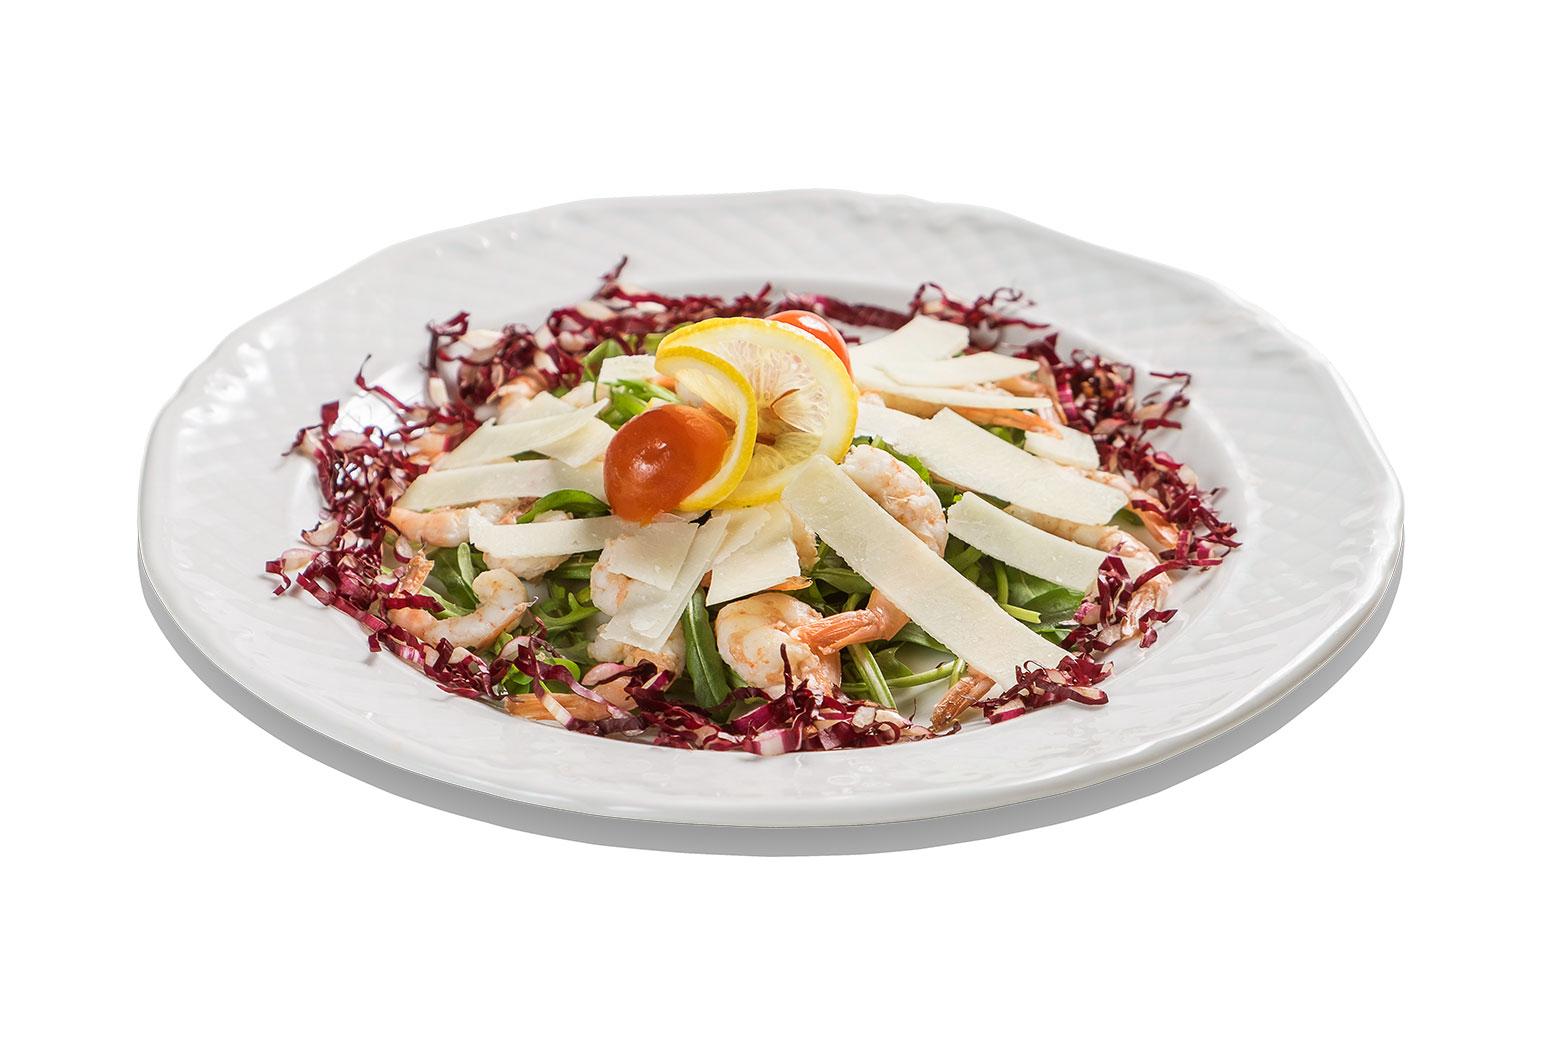 I piatti ristorante venerina for Piatti ristorante